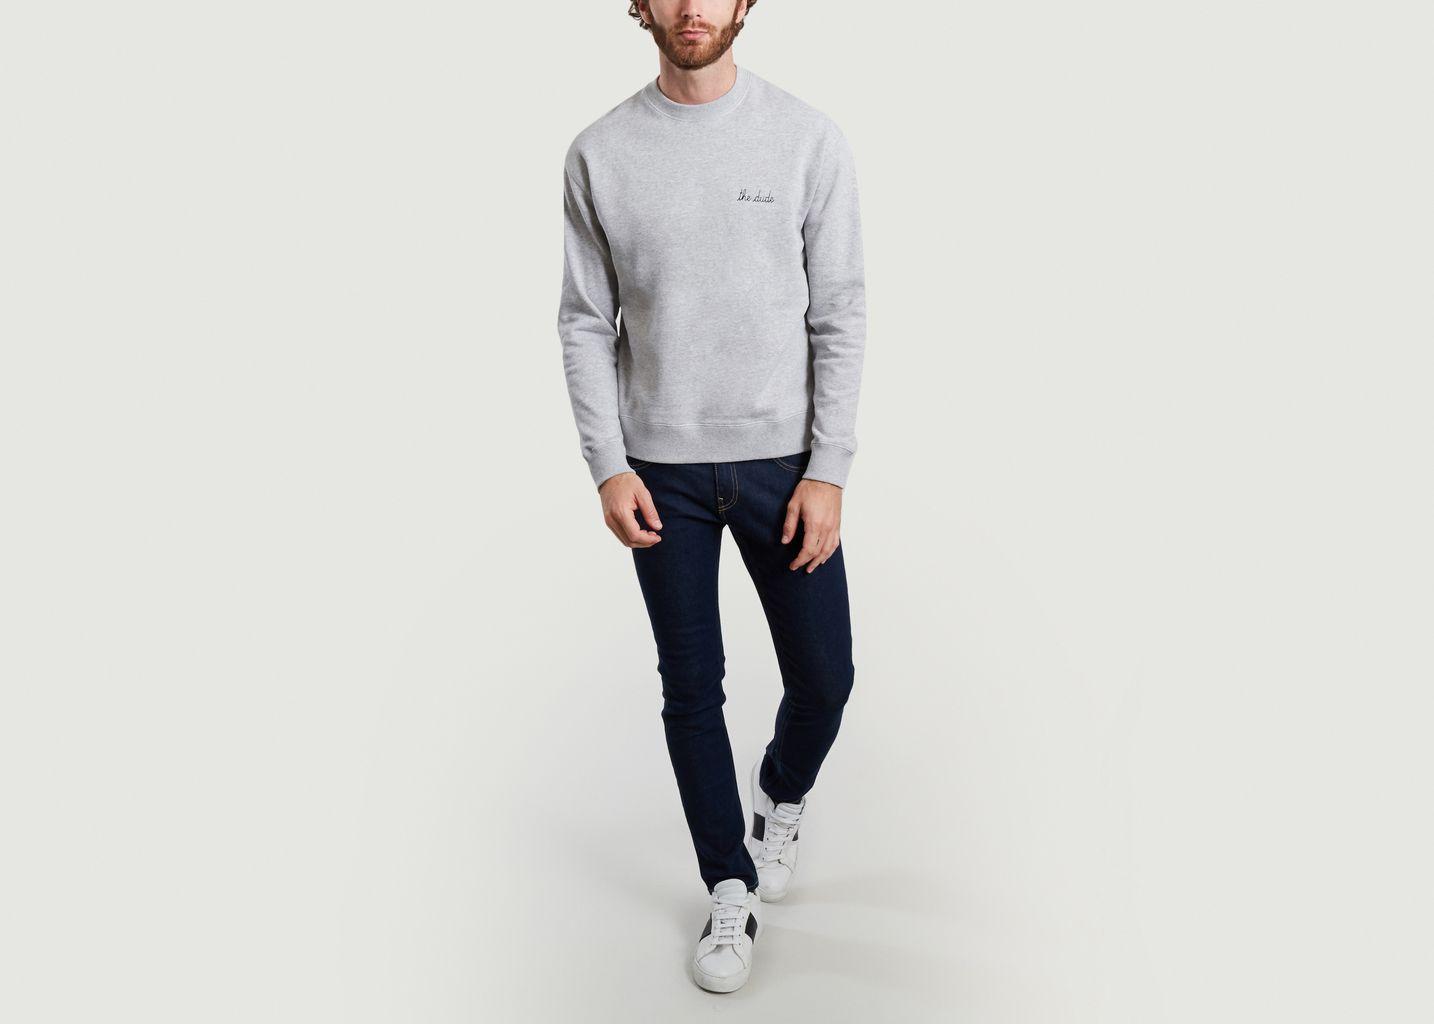 Sweatshirt classique The Dude - Maison Labiche